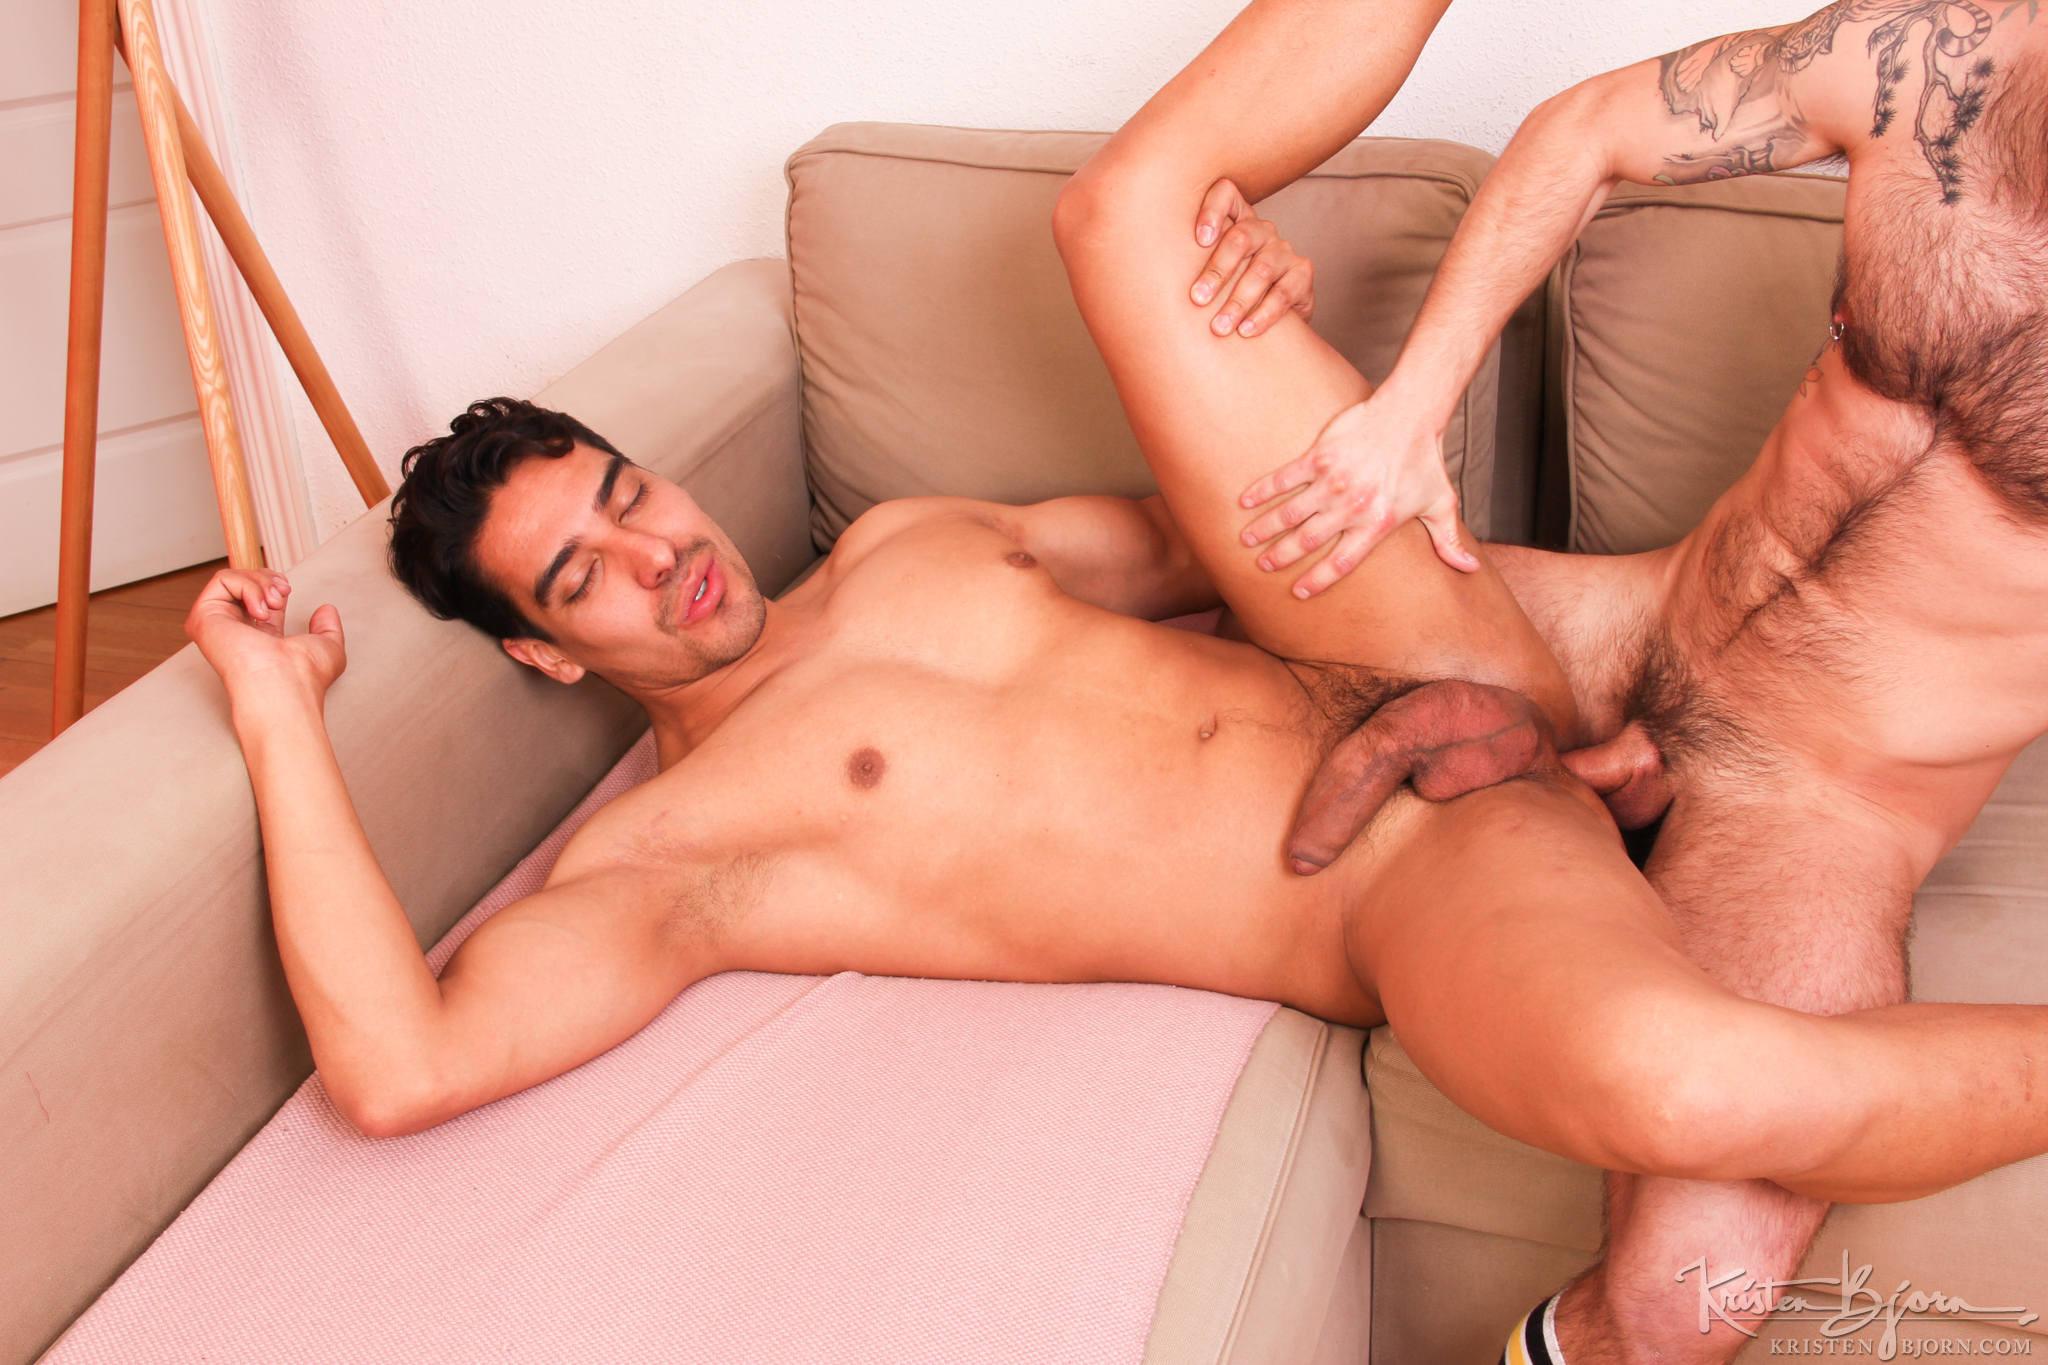 Casting Couch #356: Manuel Belator, Salvador Mendoza - Gallery